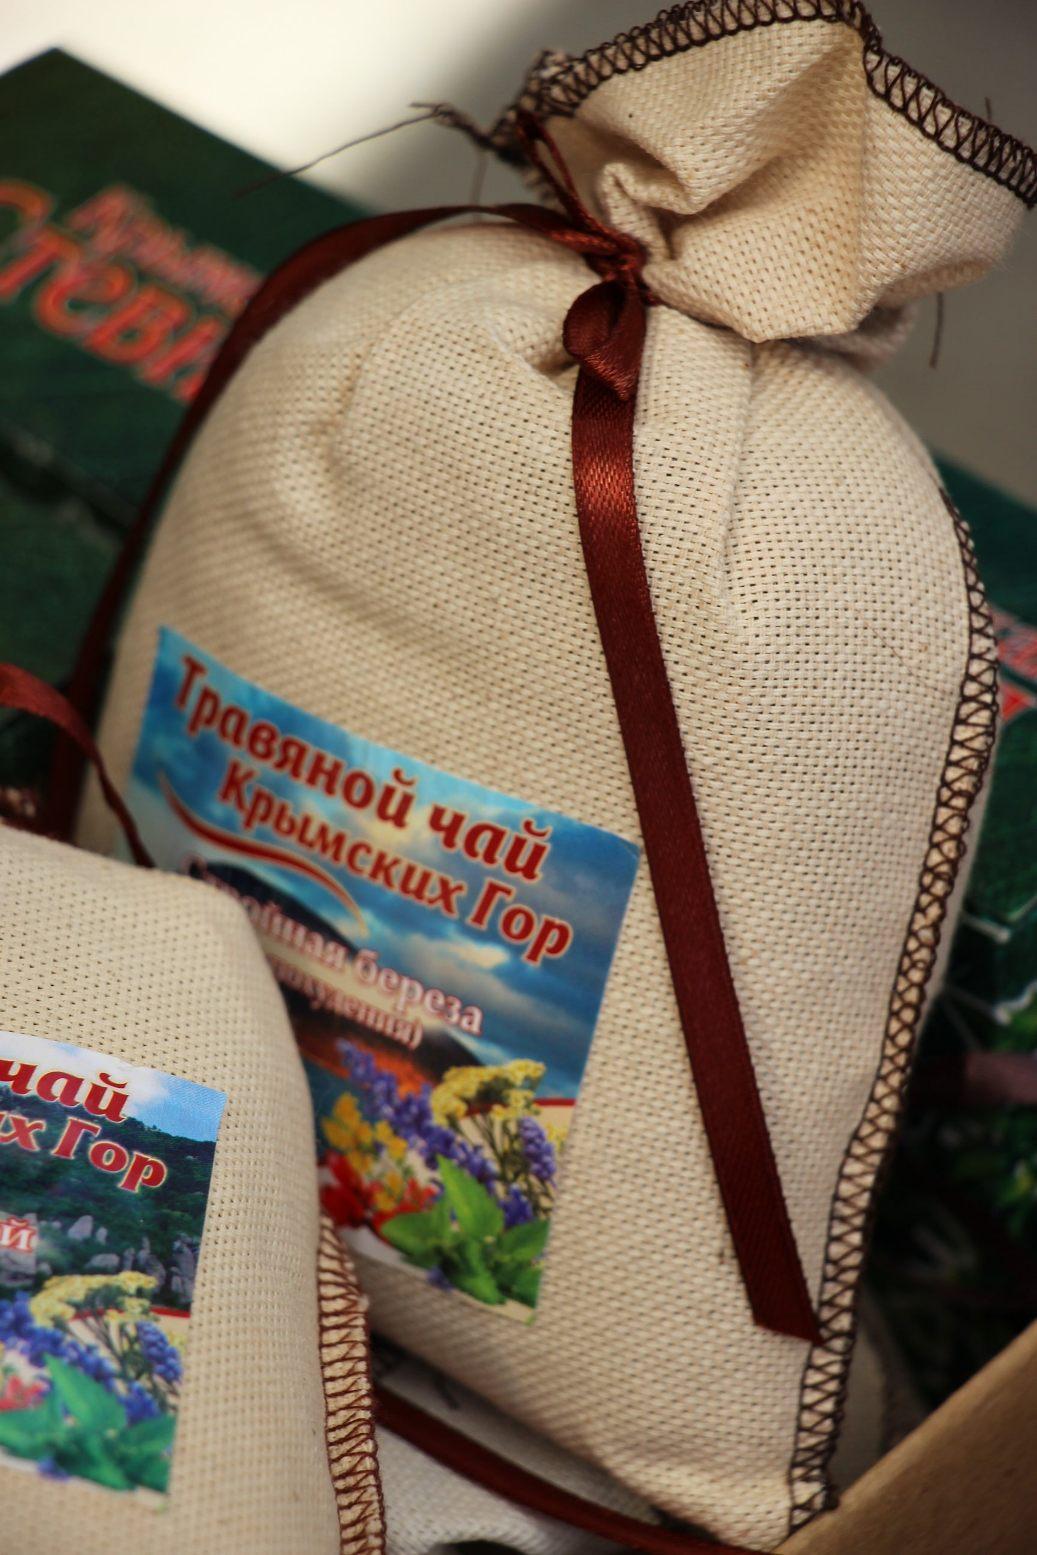 Торговцы предлагают наборы чая из местных трав